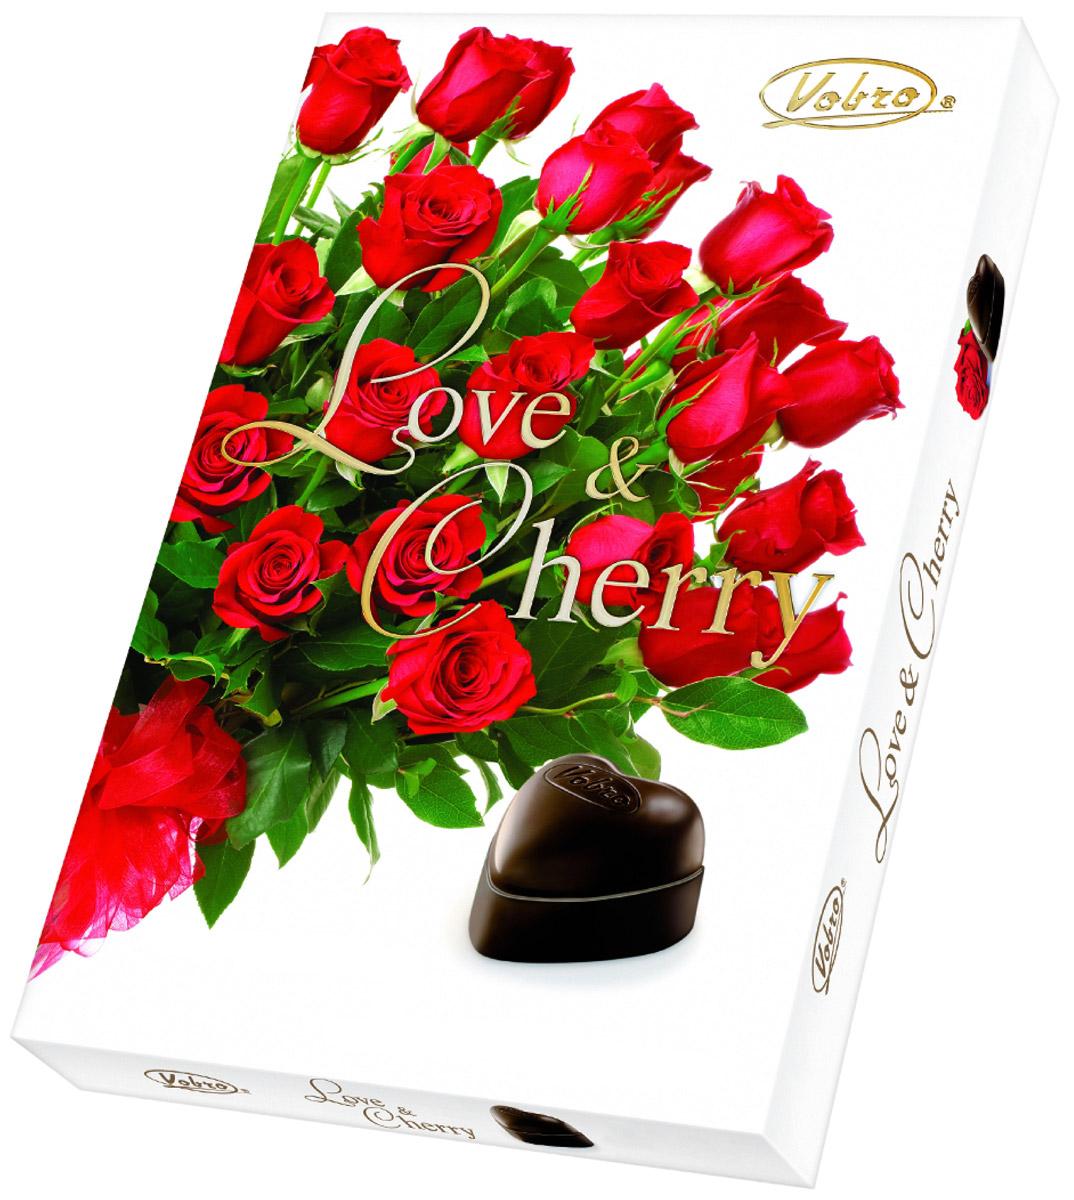 Vobro Love&Cherry Любовь и вишня набор шоколадных конфет вишня в ликере, 187 г сумка printio чаепитие